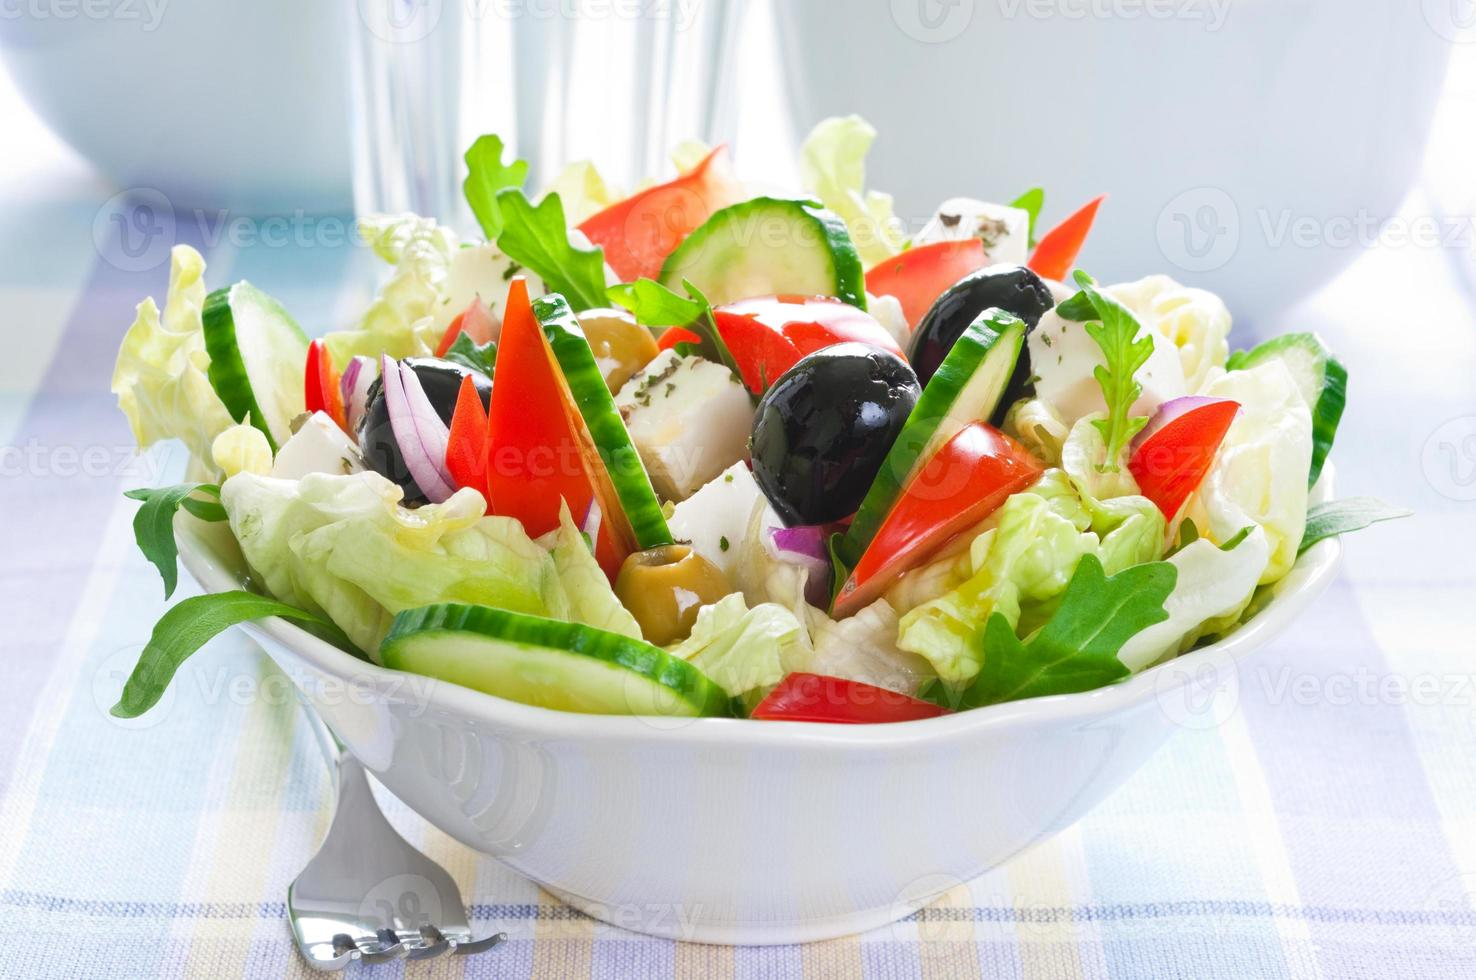 salade grecque photo